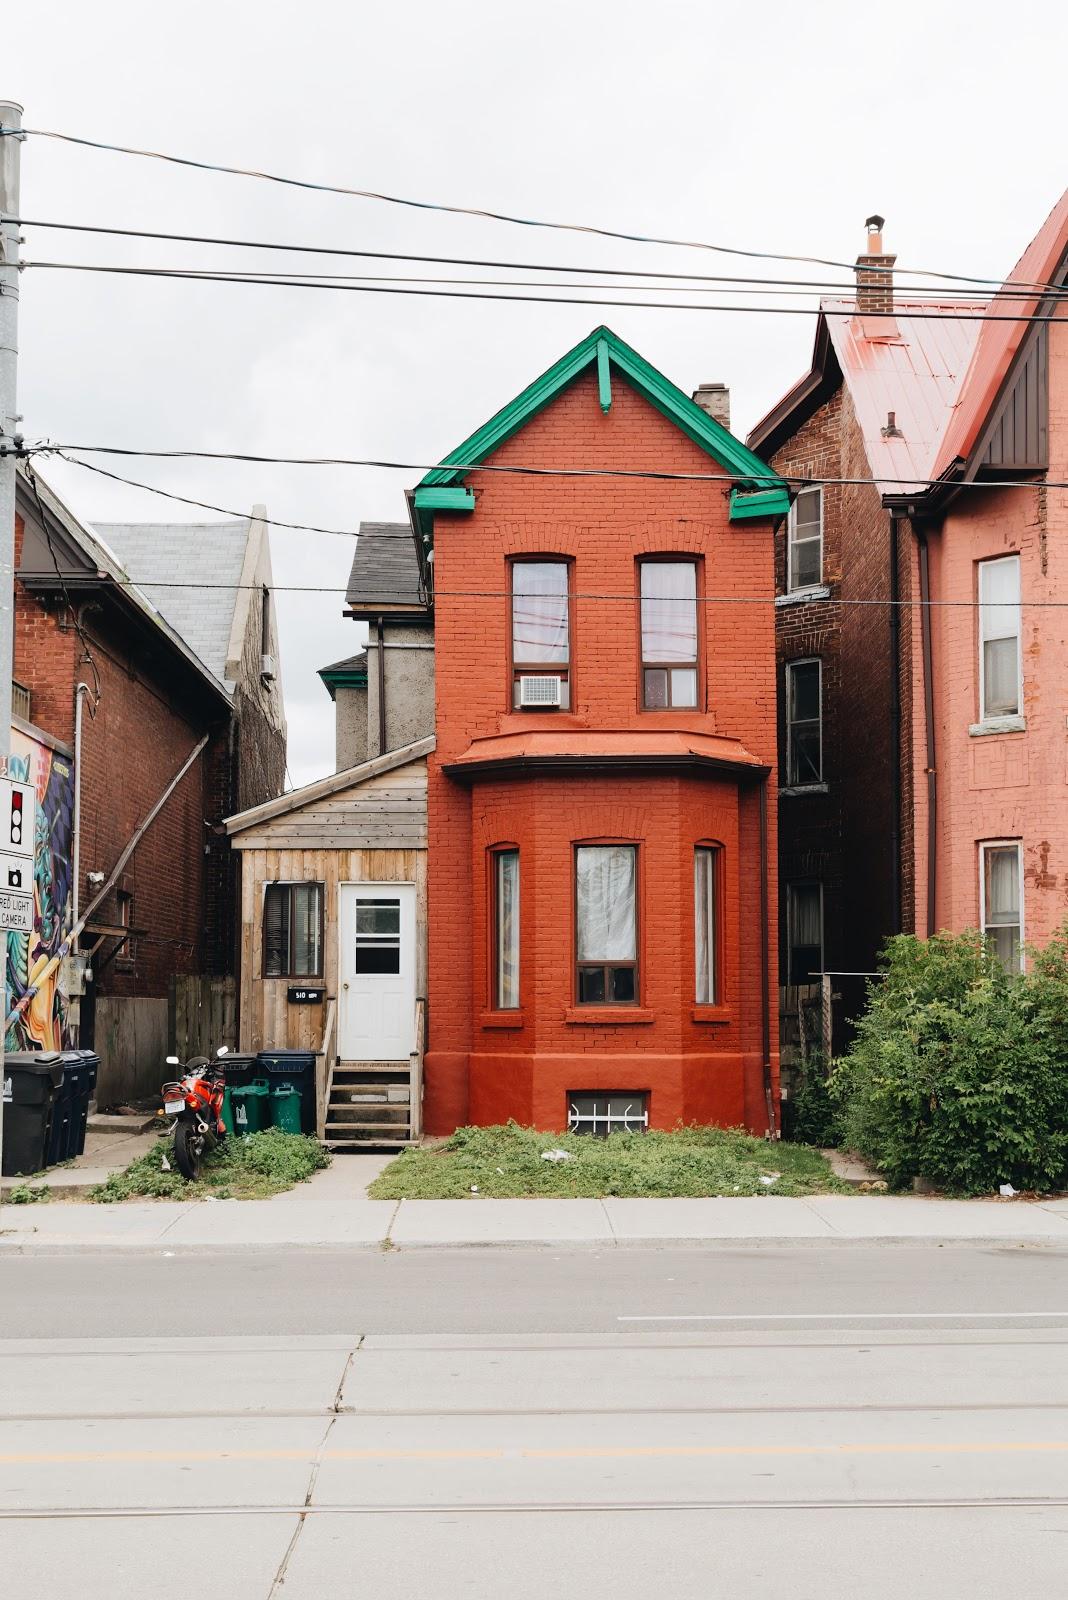 Million dollar house in Toronto